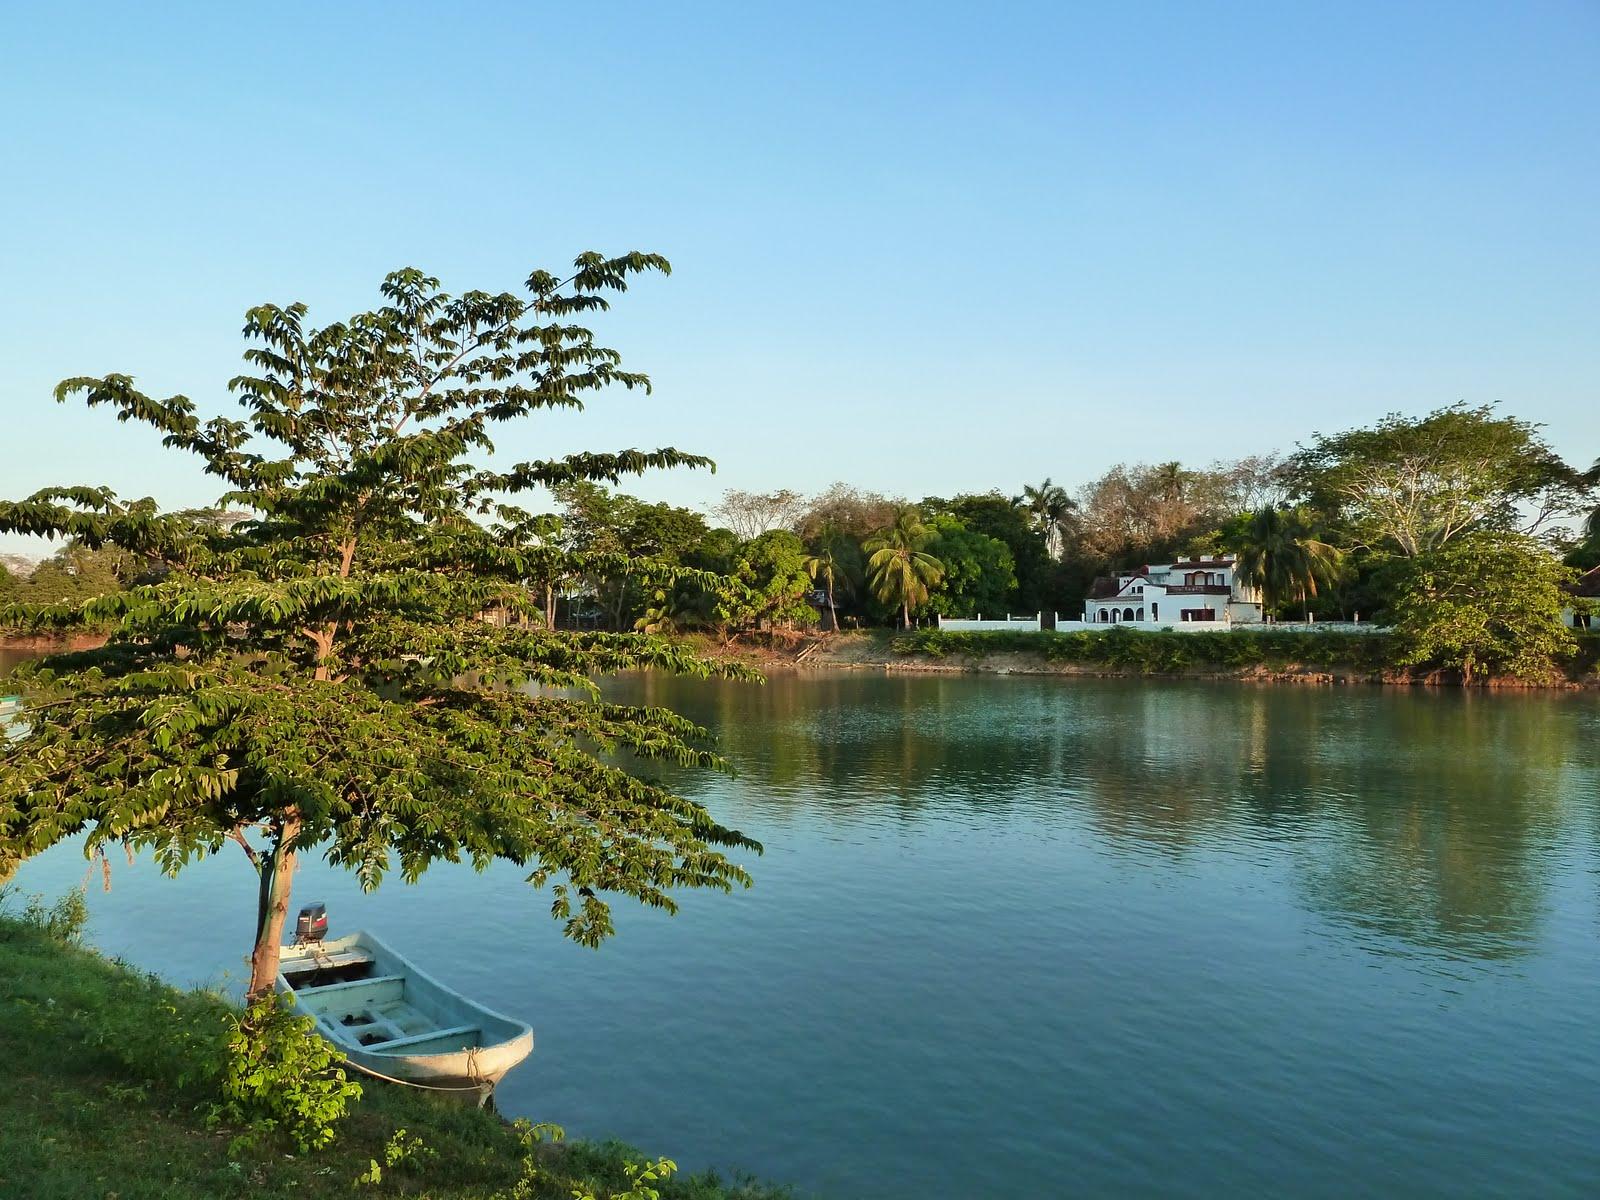 Vista del río Palizada